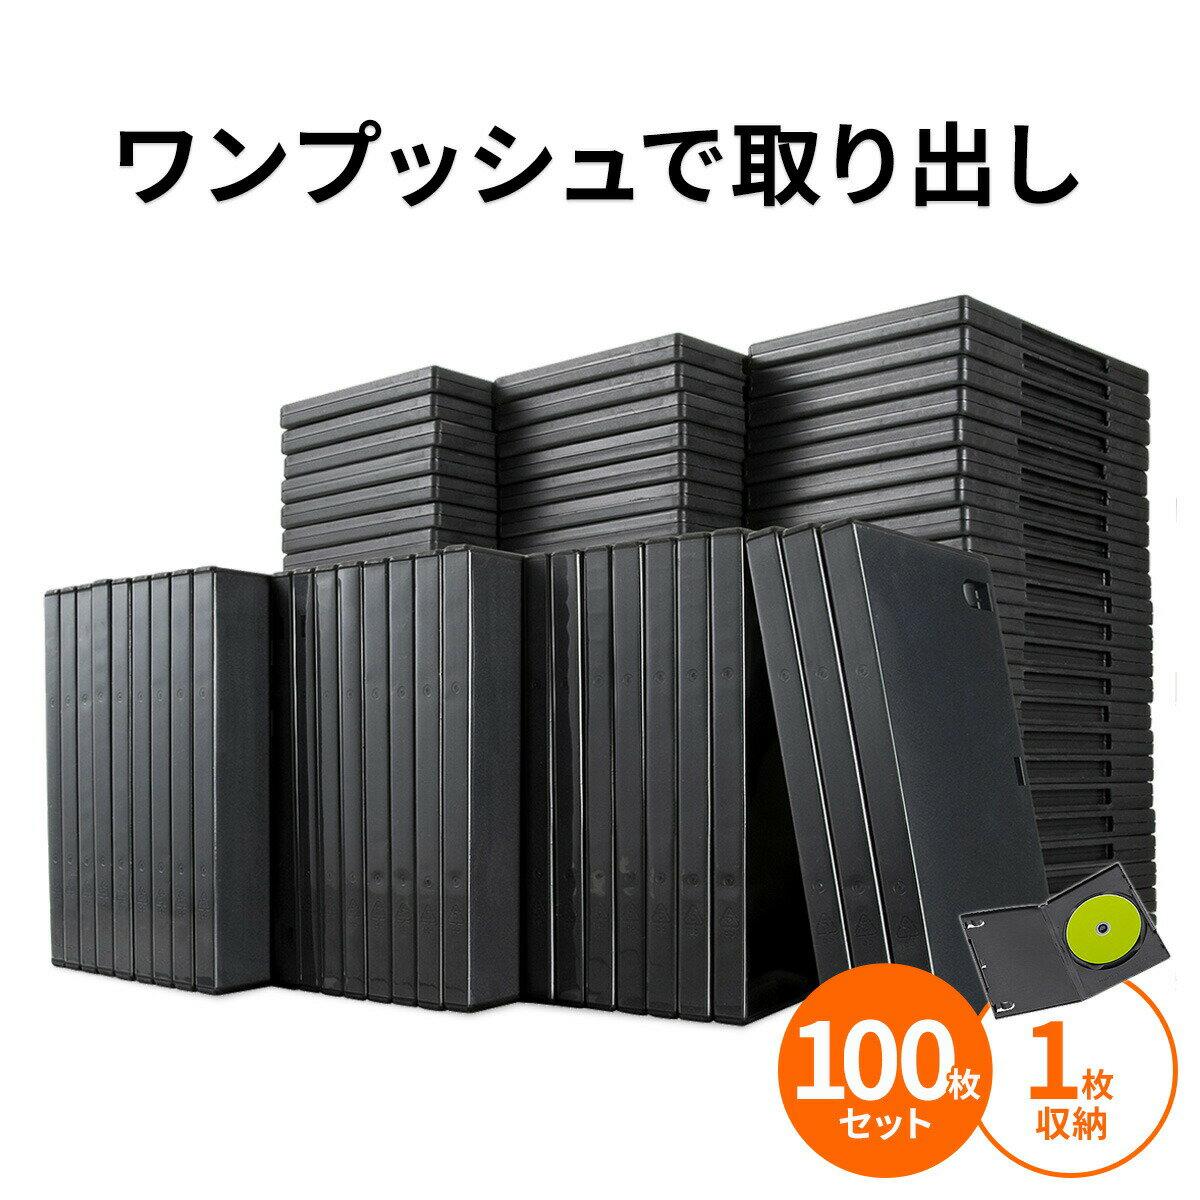 DVDケース トールケース 1枚収納×100枚セット 収納ケース メディアケース [200-FCD032-100]【サンワダイレクト限定品】【送料無料】